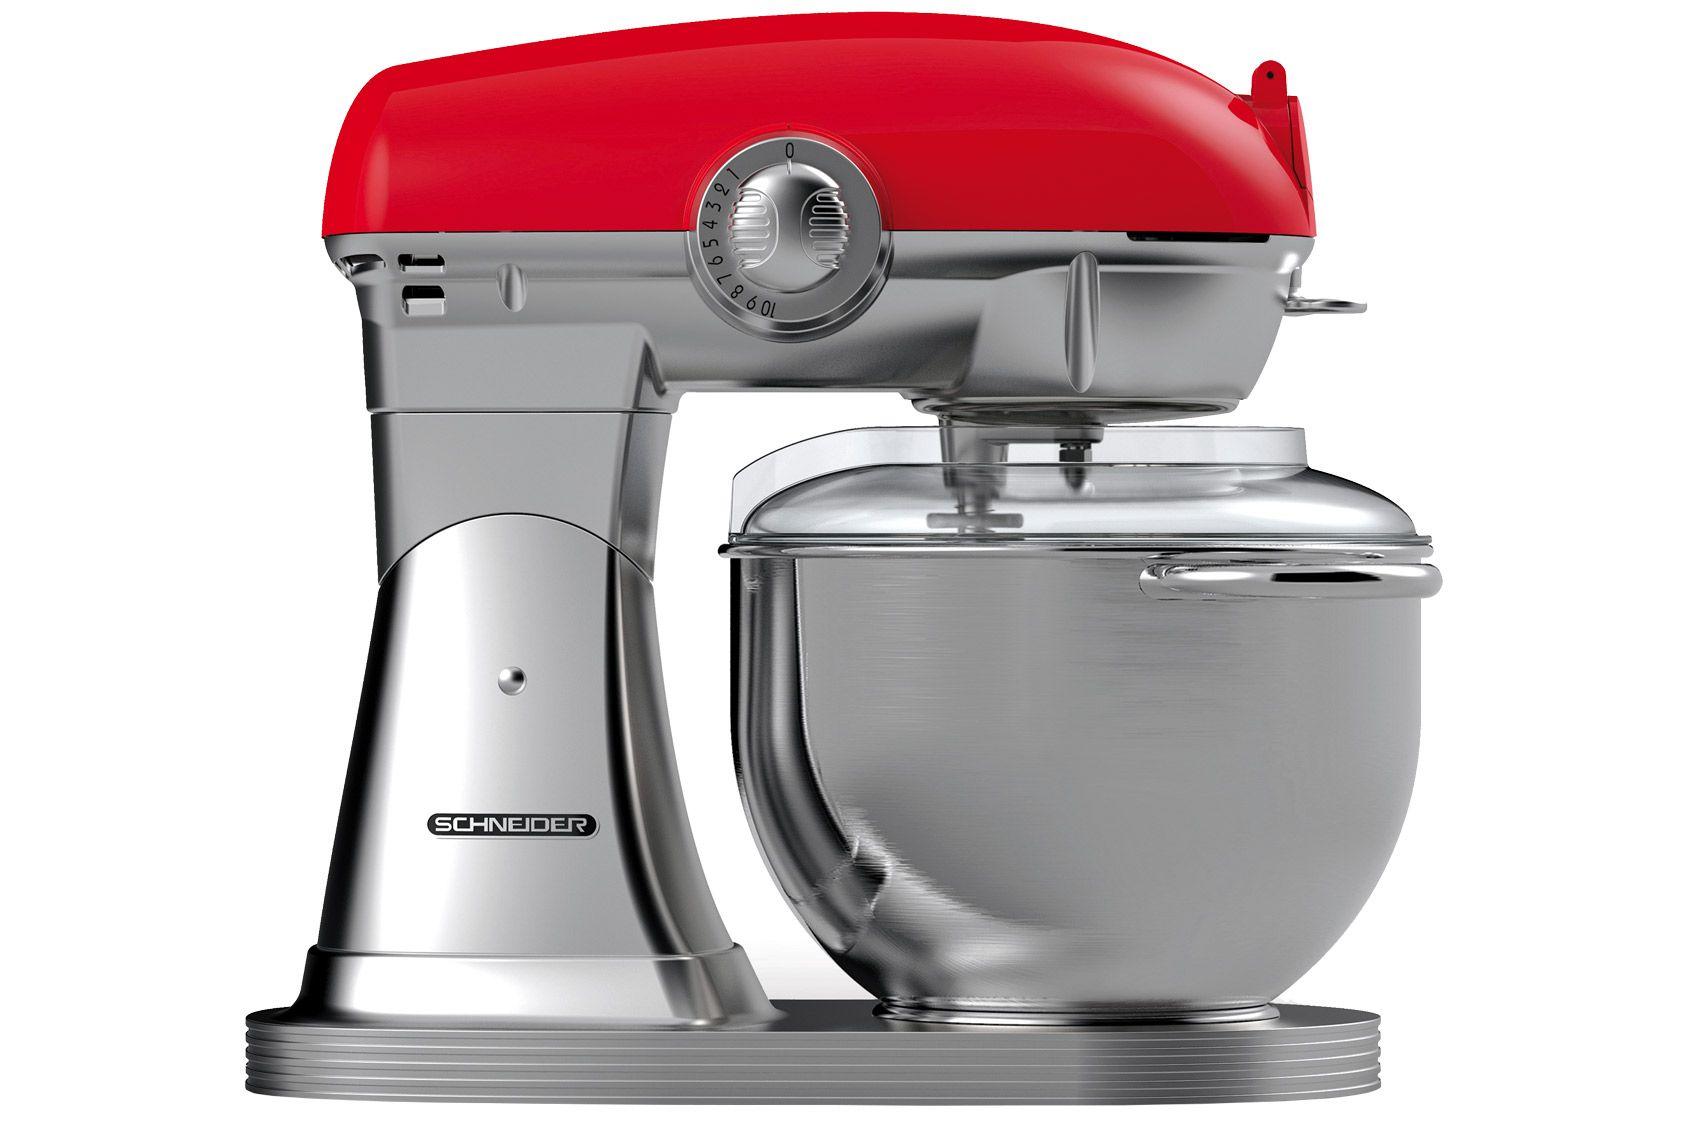 Nos essais: Robot pâtissier Schneider - Robot pâtissier Feeling's SCFP57, comme un chef